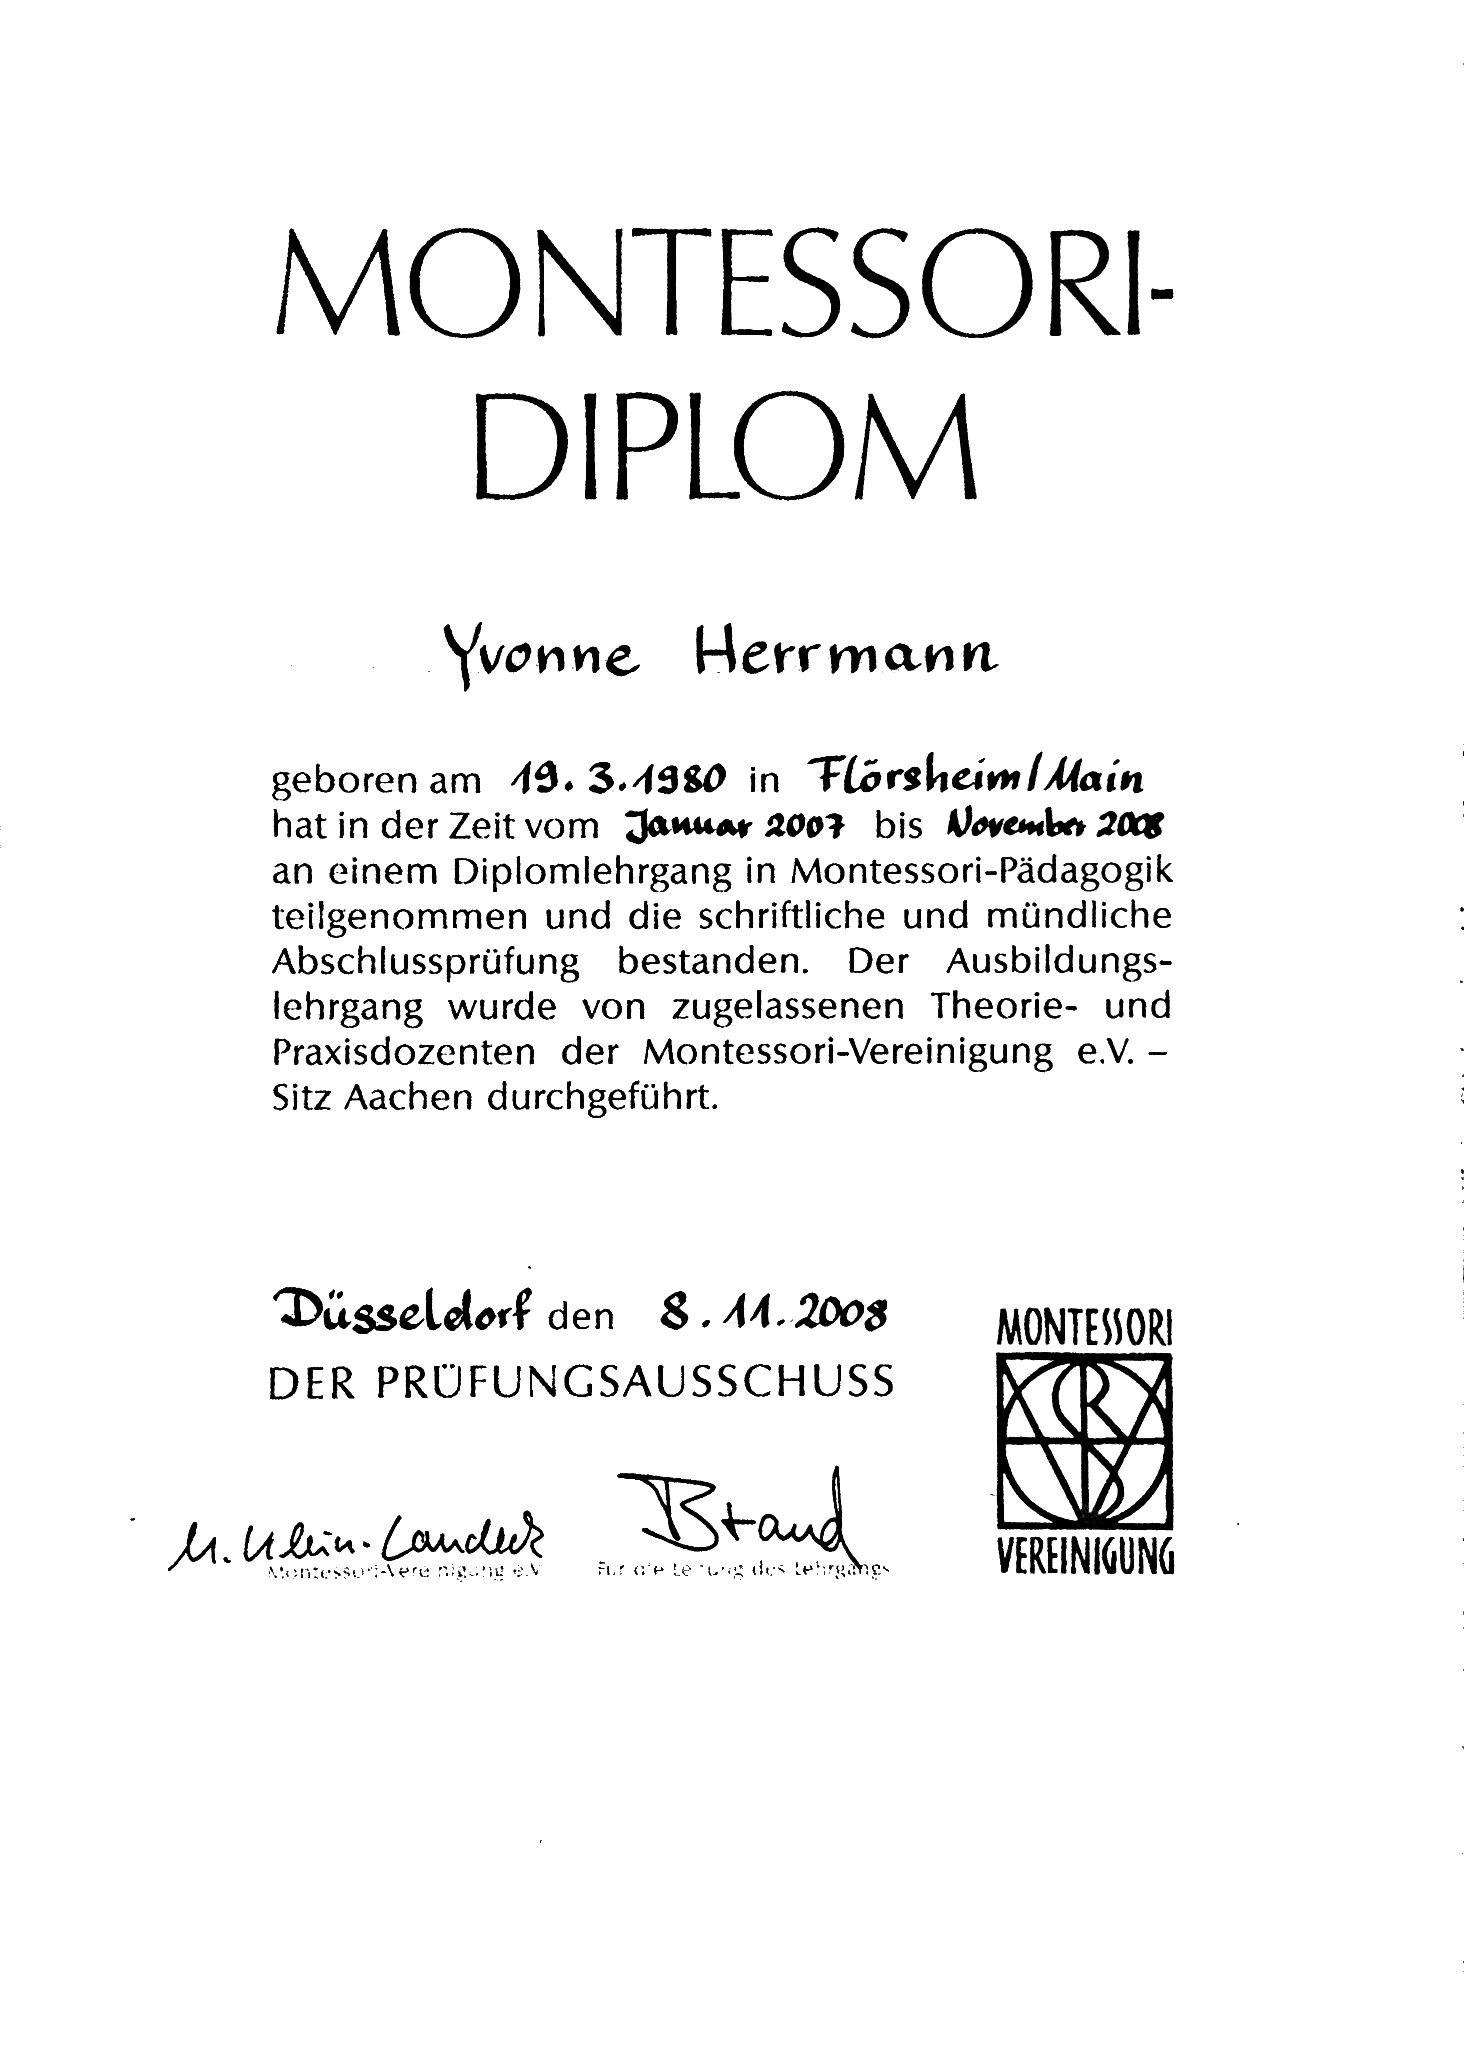 Das Montessori-Diplom von Yvonne Busse